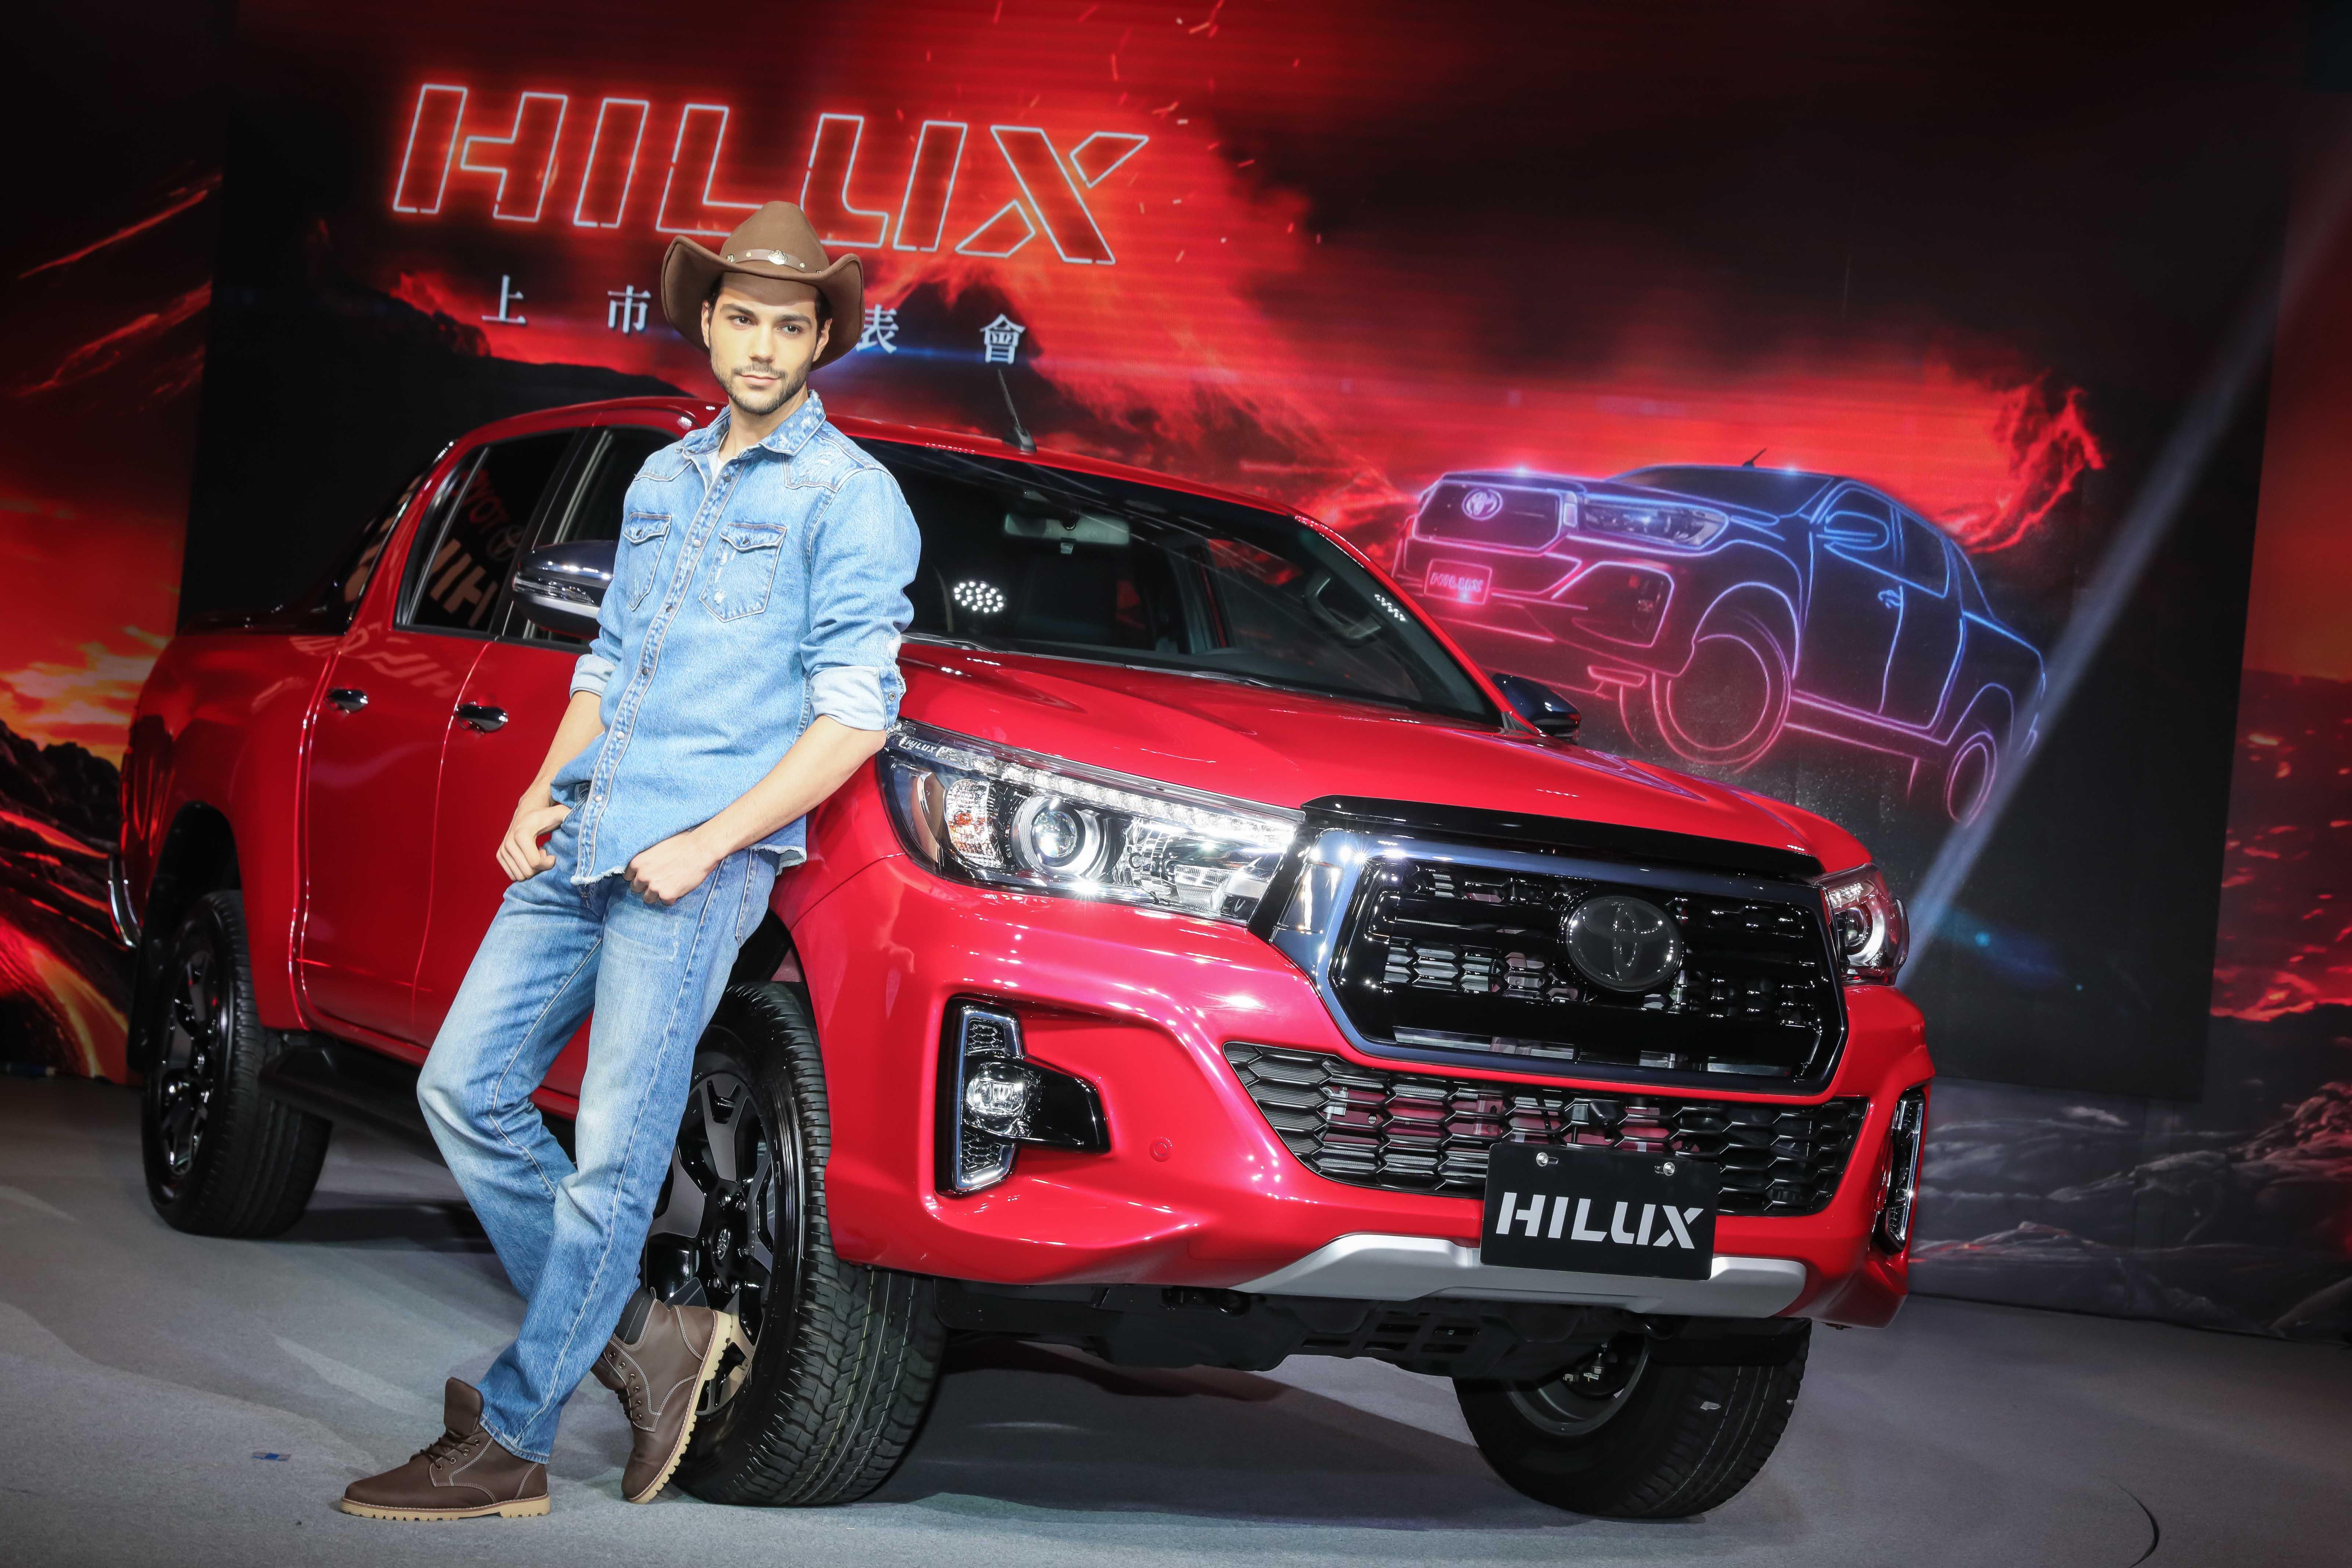 全新HILUX不僅有絕佳越野能力更搭載TSC拖曳穩定輔助系統、7 SRS氣囊及GOA高剛性車體等高達28項主被動安全系統,讓HILUX車主在盡情越野的同時也能感到無比安心